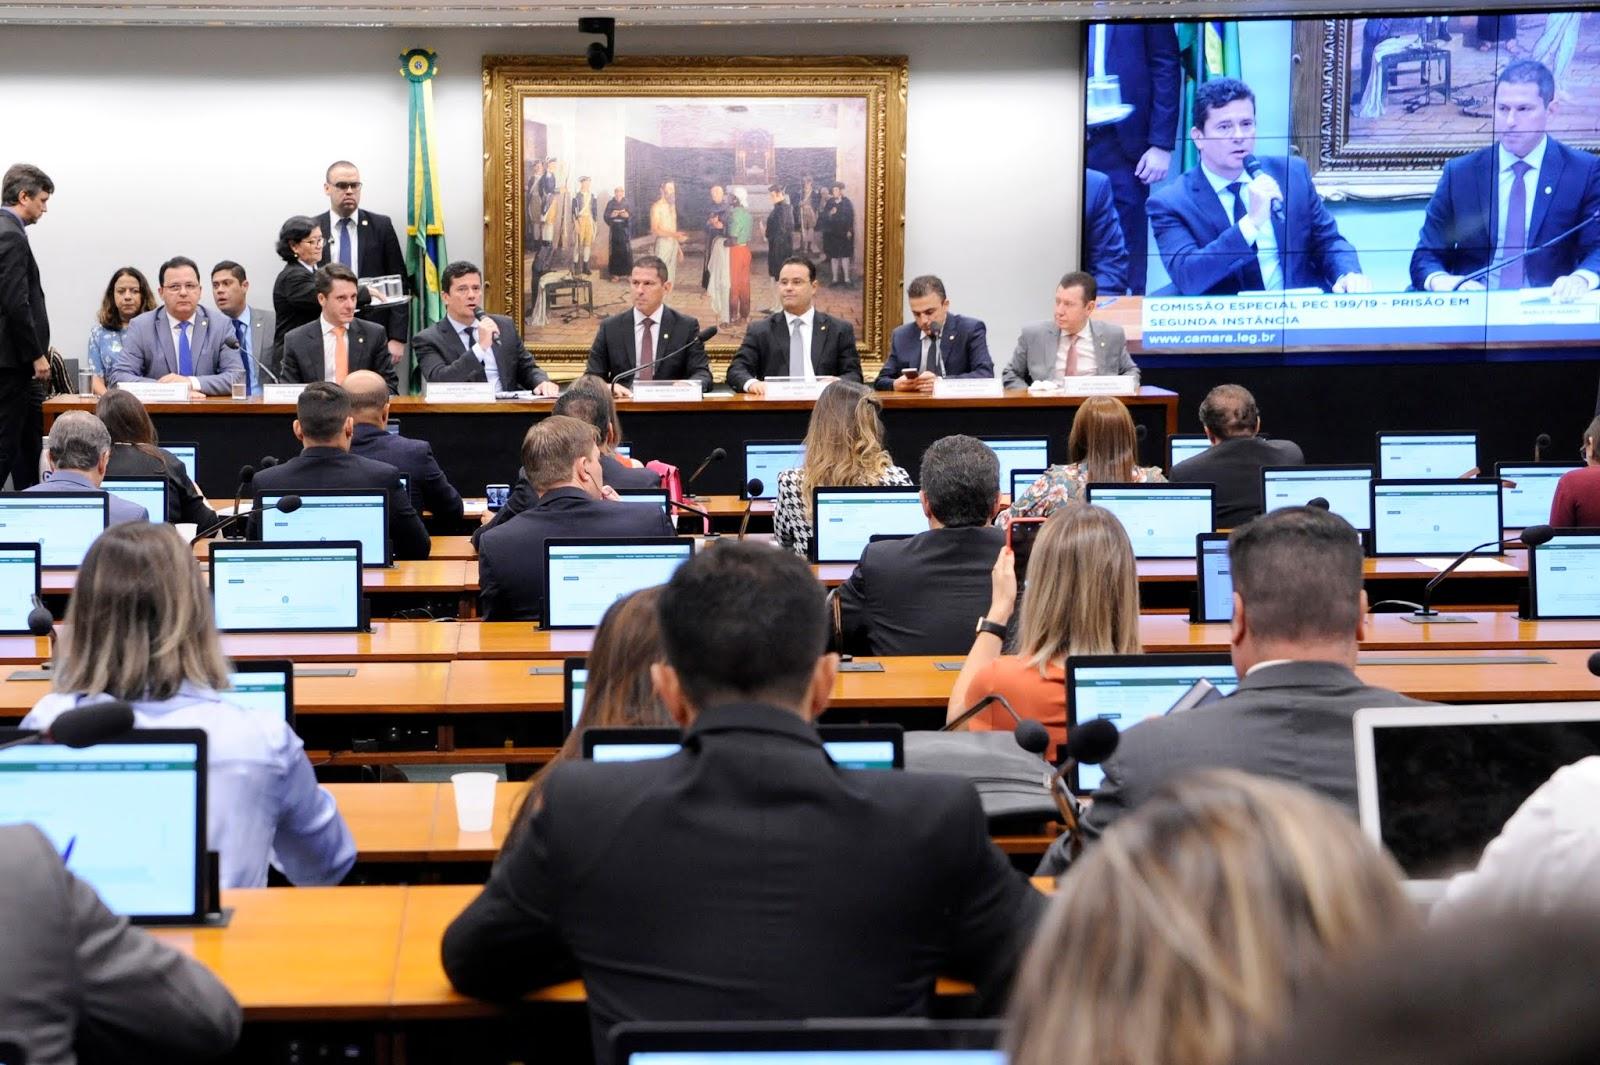 Ferrari sugere, comissão aprova e Sérgio Moro vai à Câmara debater prisão em 2ª instância